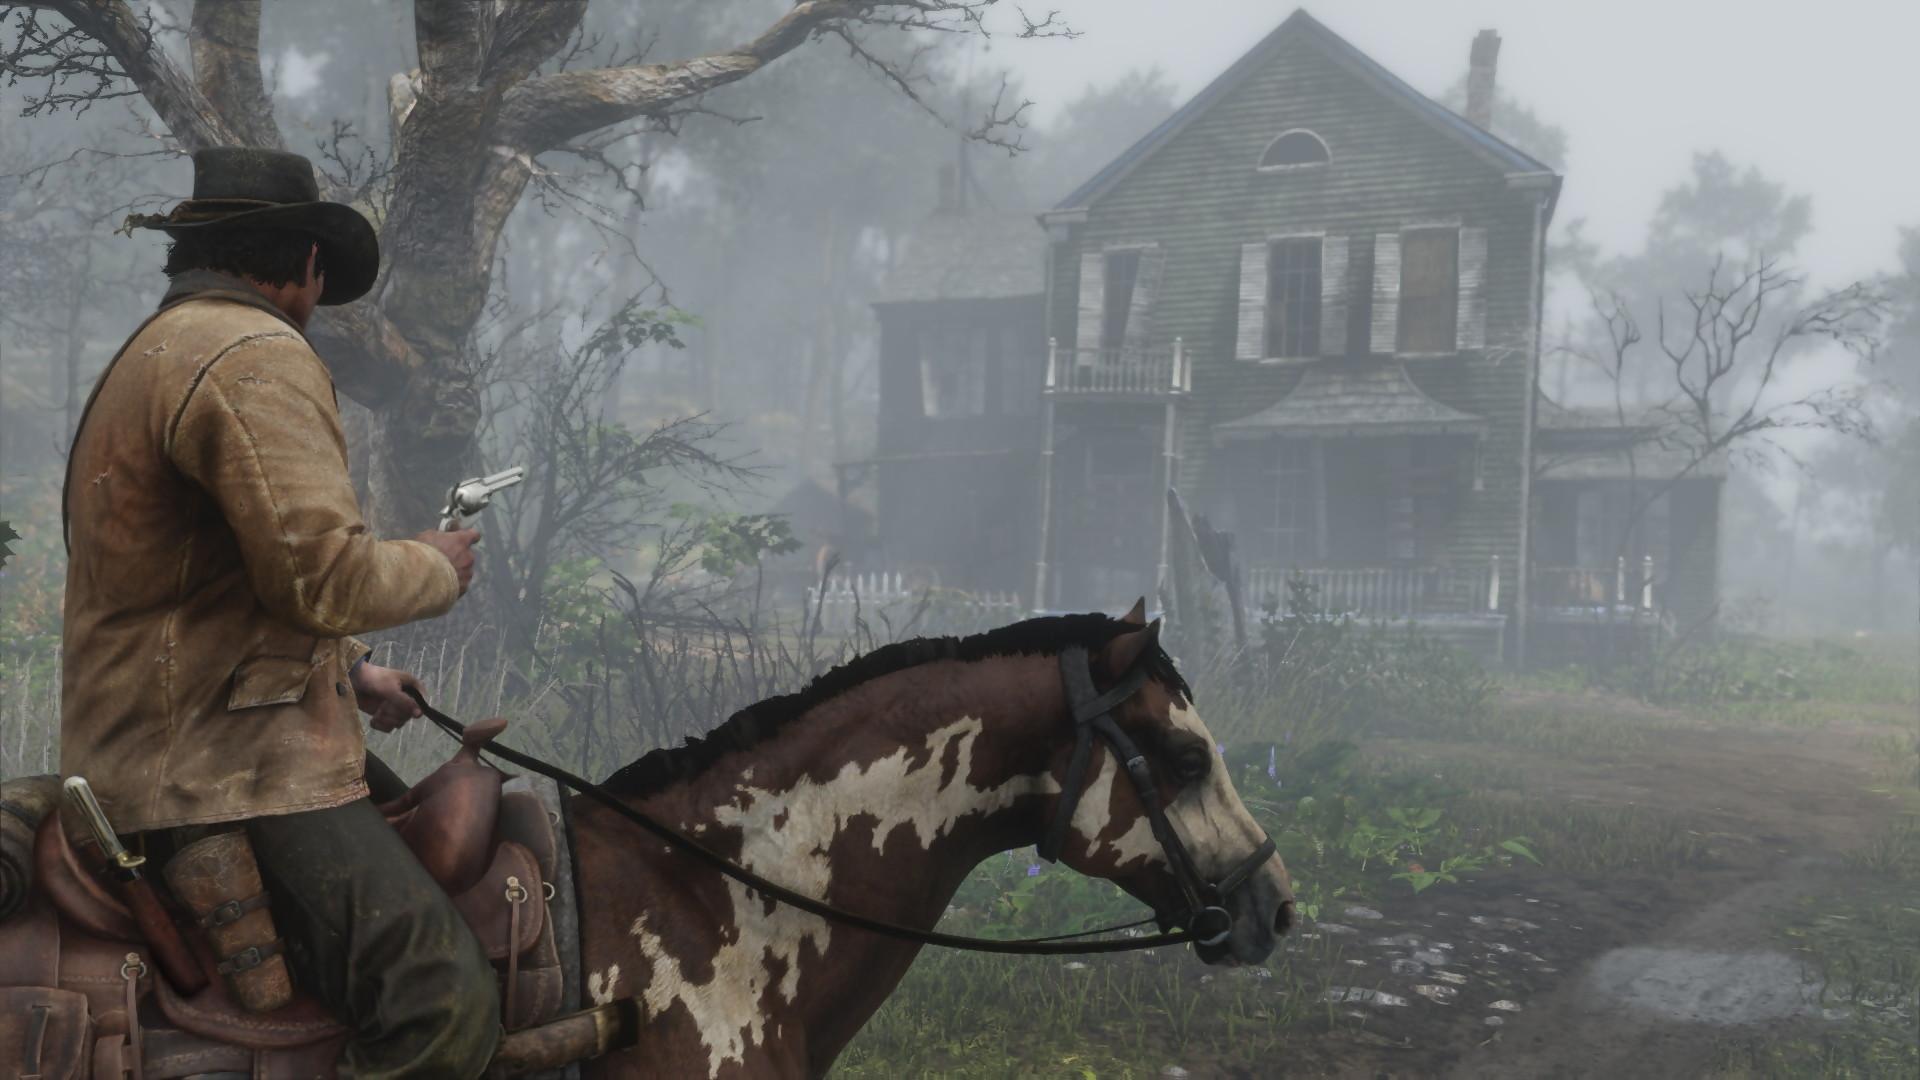 Высможете играть вRed Dead Redemption 2 отпервого лица